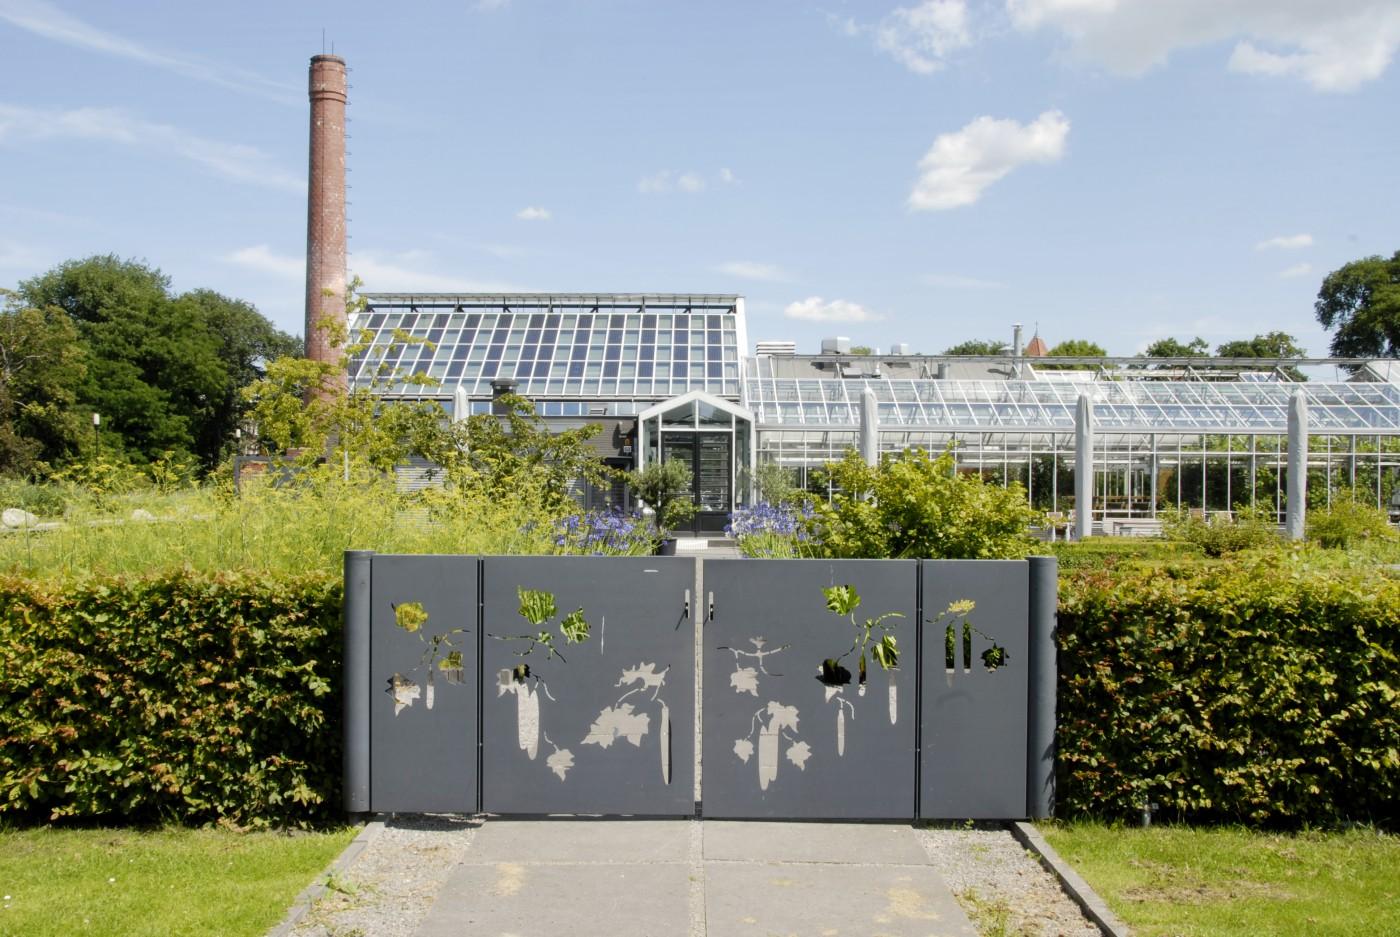 buro-sant-en-co-landschapsarchitectuur-park-frankendael-amsterdam-kastuin-restaurant-de-kas-stadslandbouw-poort